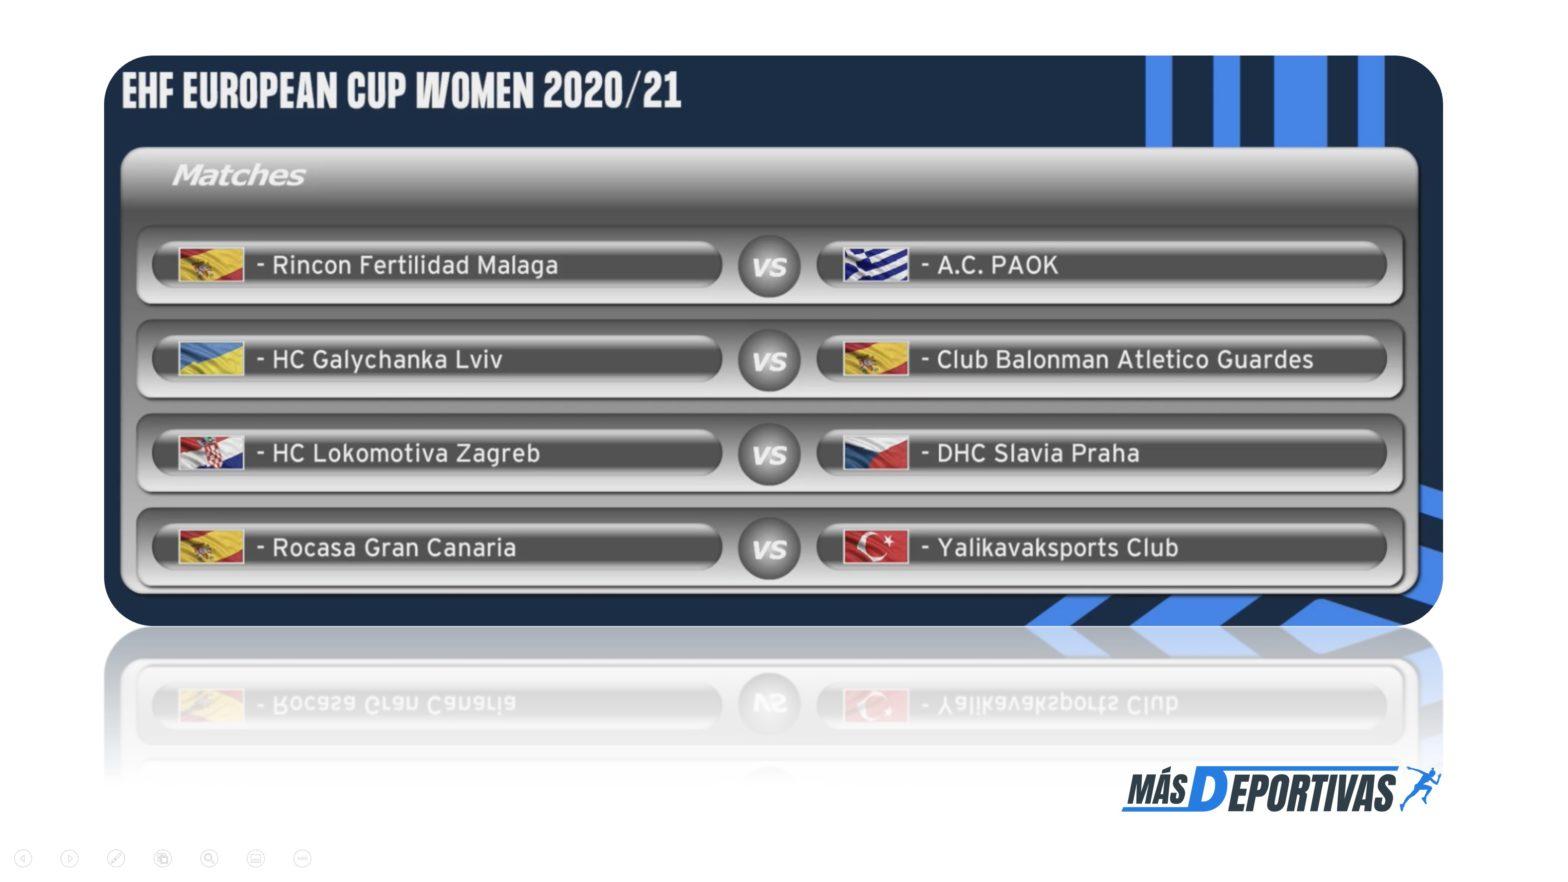 Fechas claves del EHF European Cup